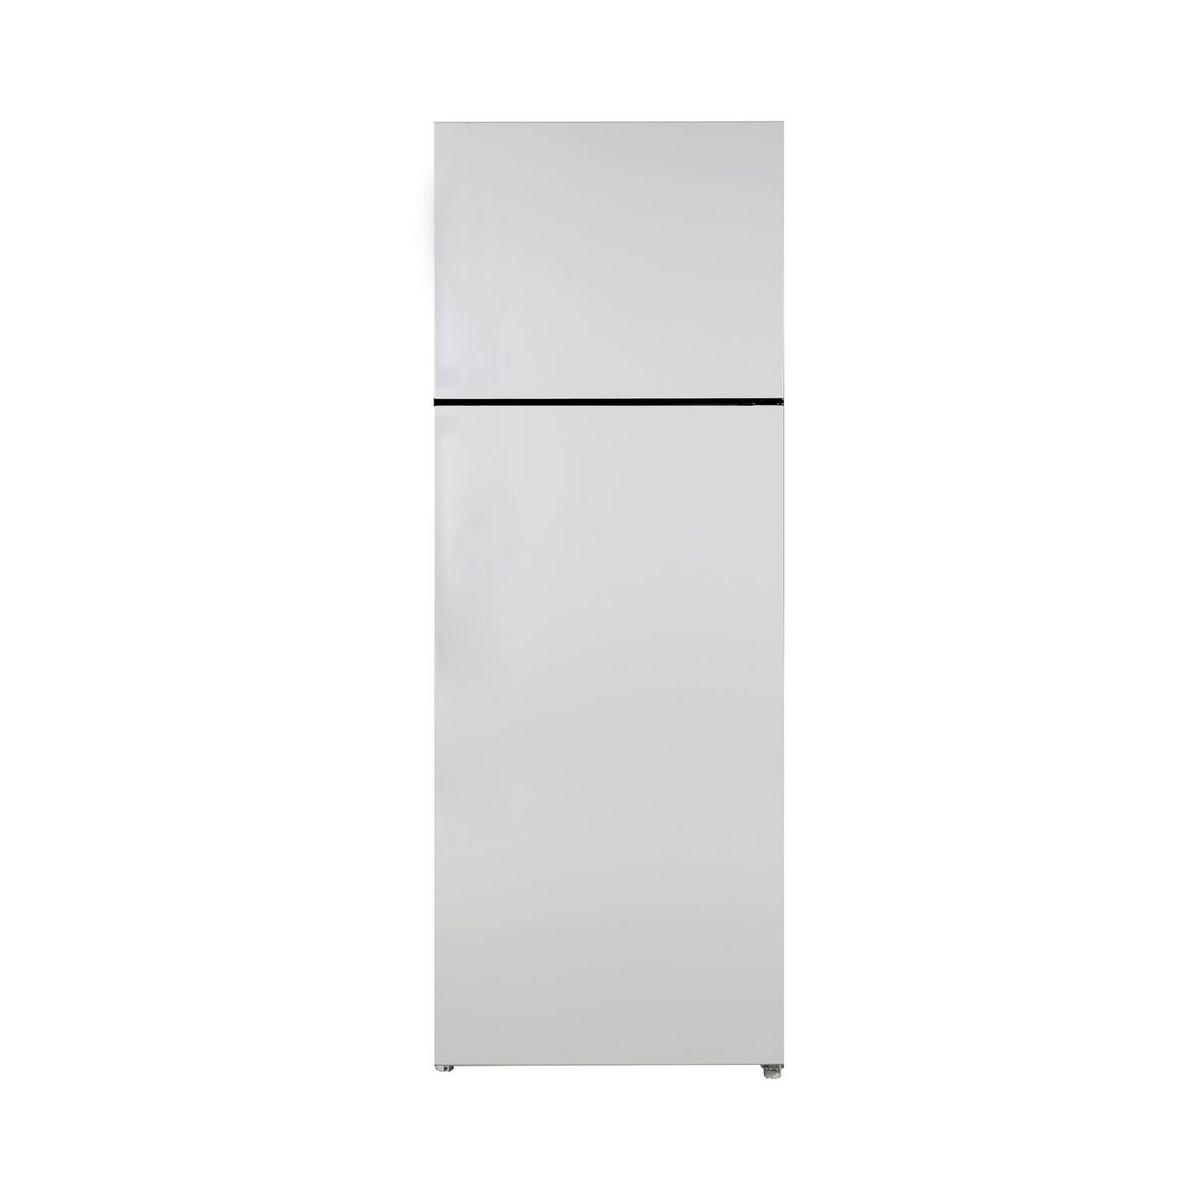 Réfrigérateur 2 portes 154599, 465 L, Froid no Frost